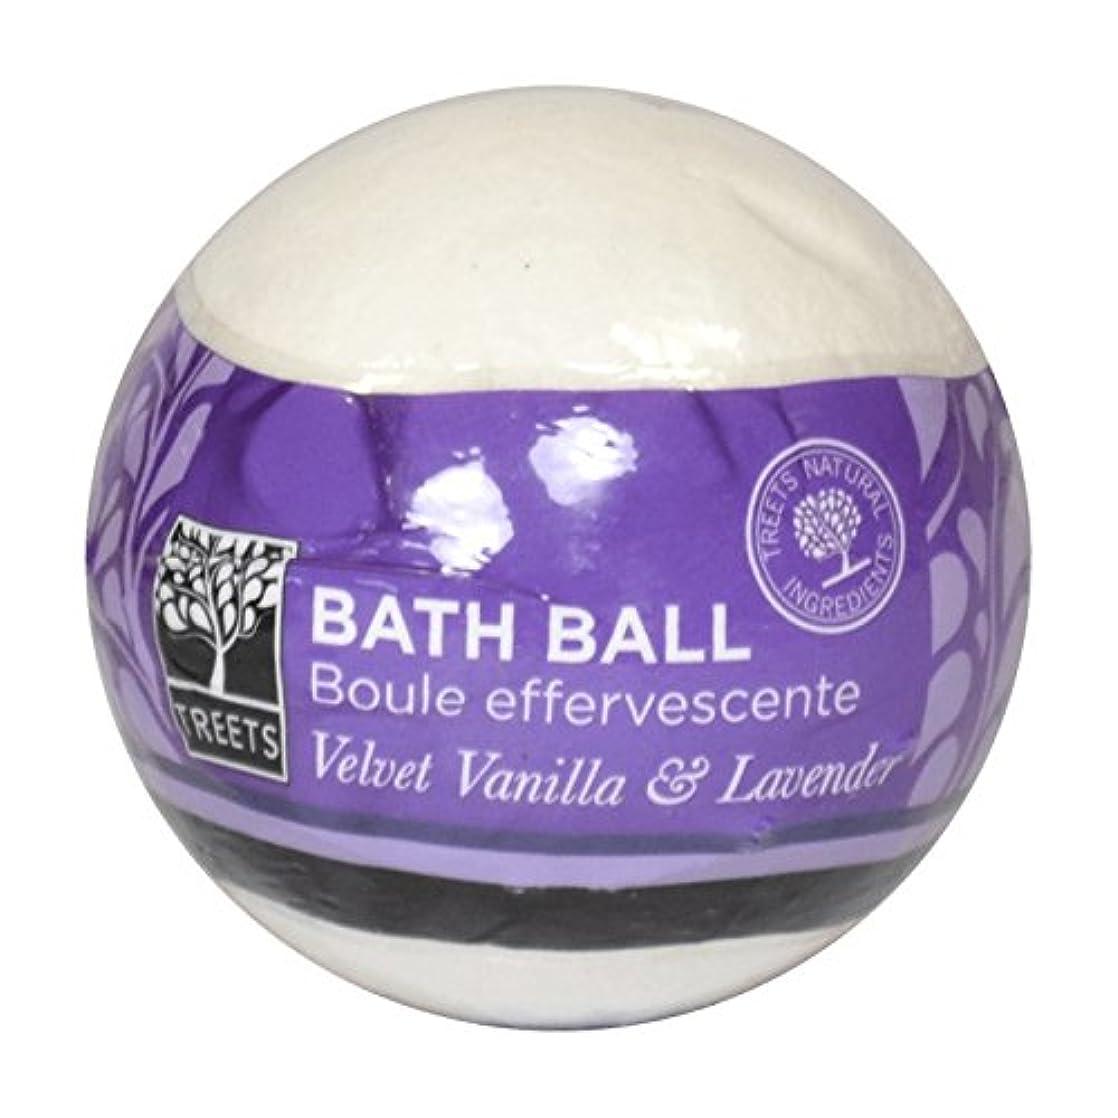 エリート島早熟Treetsベルベットのバニラ&ラベンダーバスボール - Treets Velvet Vanilla & Lavender Bath Ball (Treets) [並行輸入品]